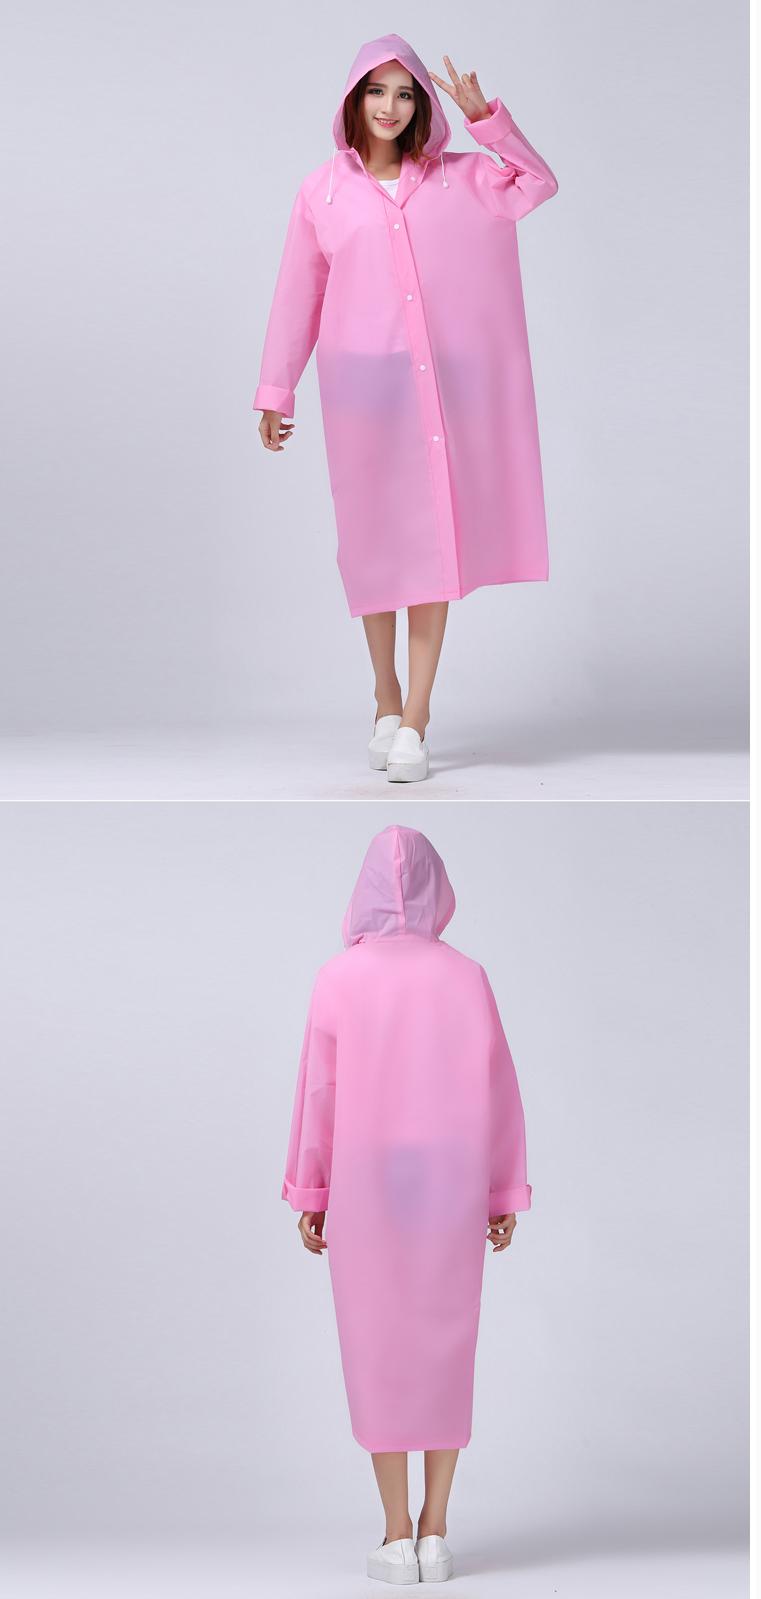 Women Transparent Portable Long Raincoats 14